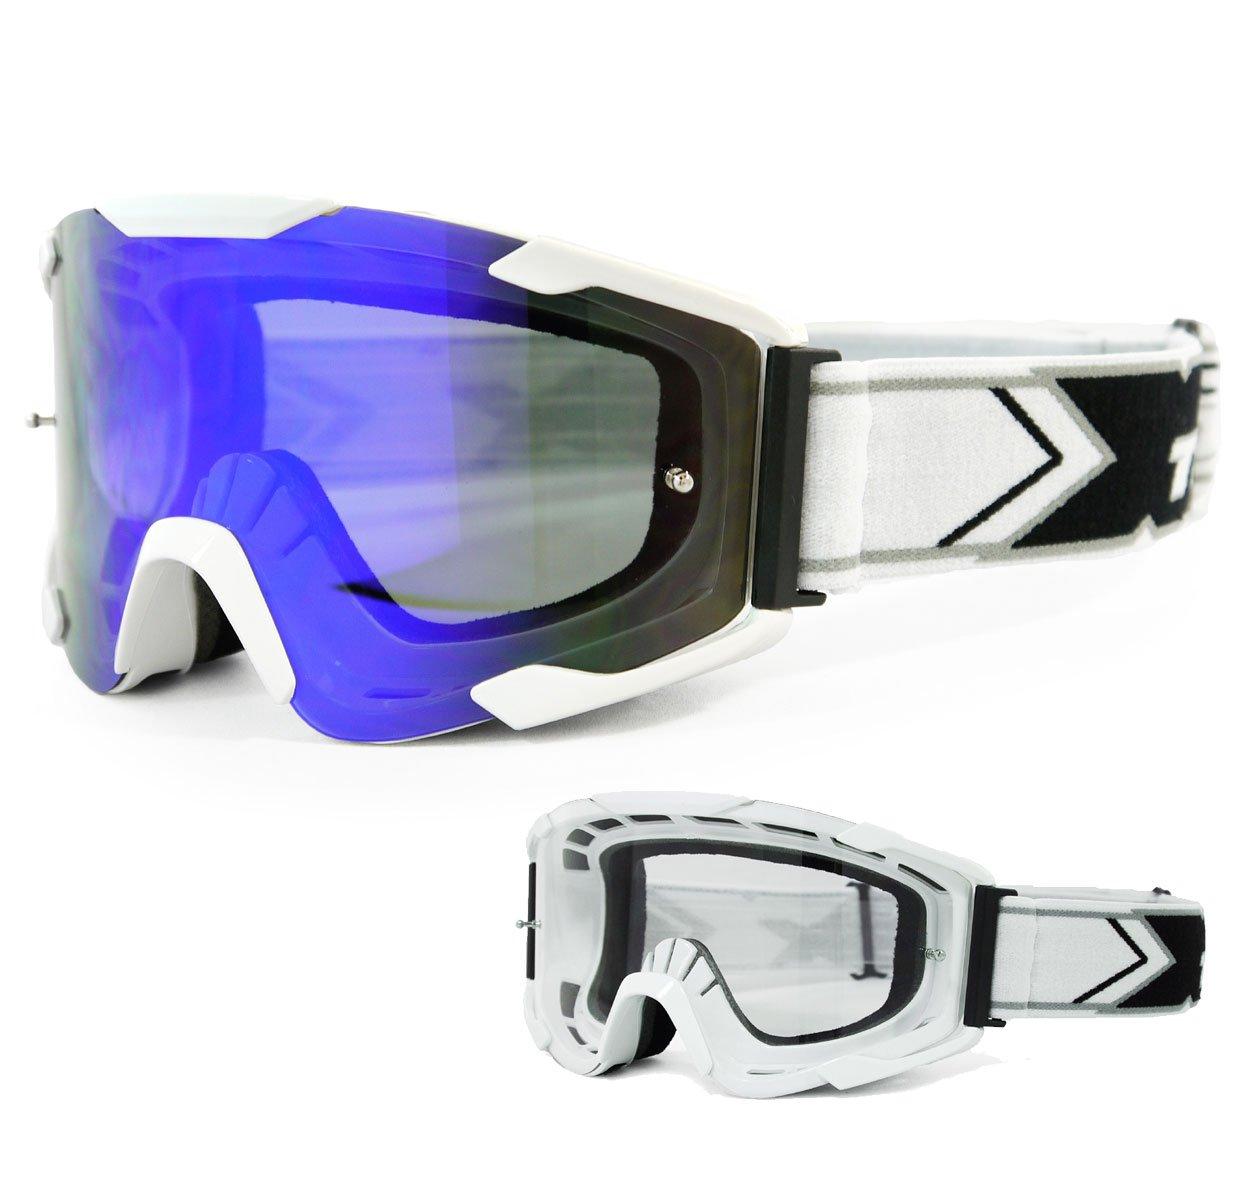 TWO-X Bomb Crossbrille Neon gelb Glas Light verspiegelt blau MX Brille Motocross Enduro Spiegelglas Motorradbrille Anti Scratch MX Schutzbrille